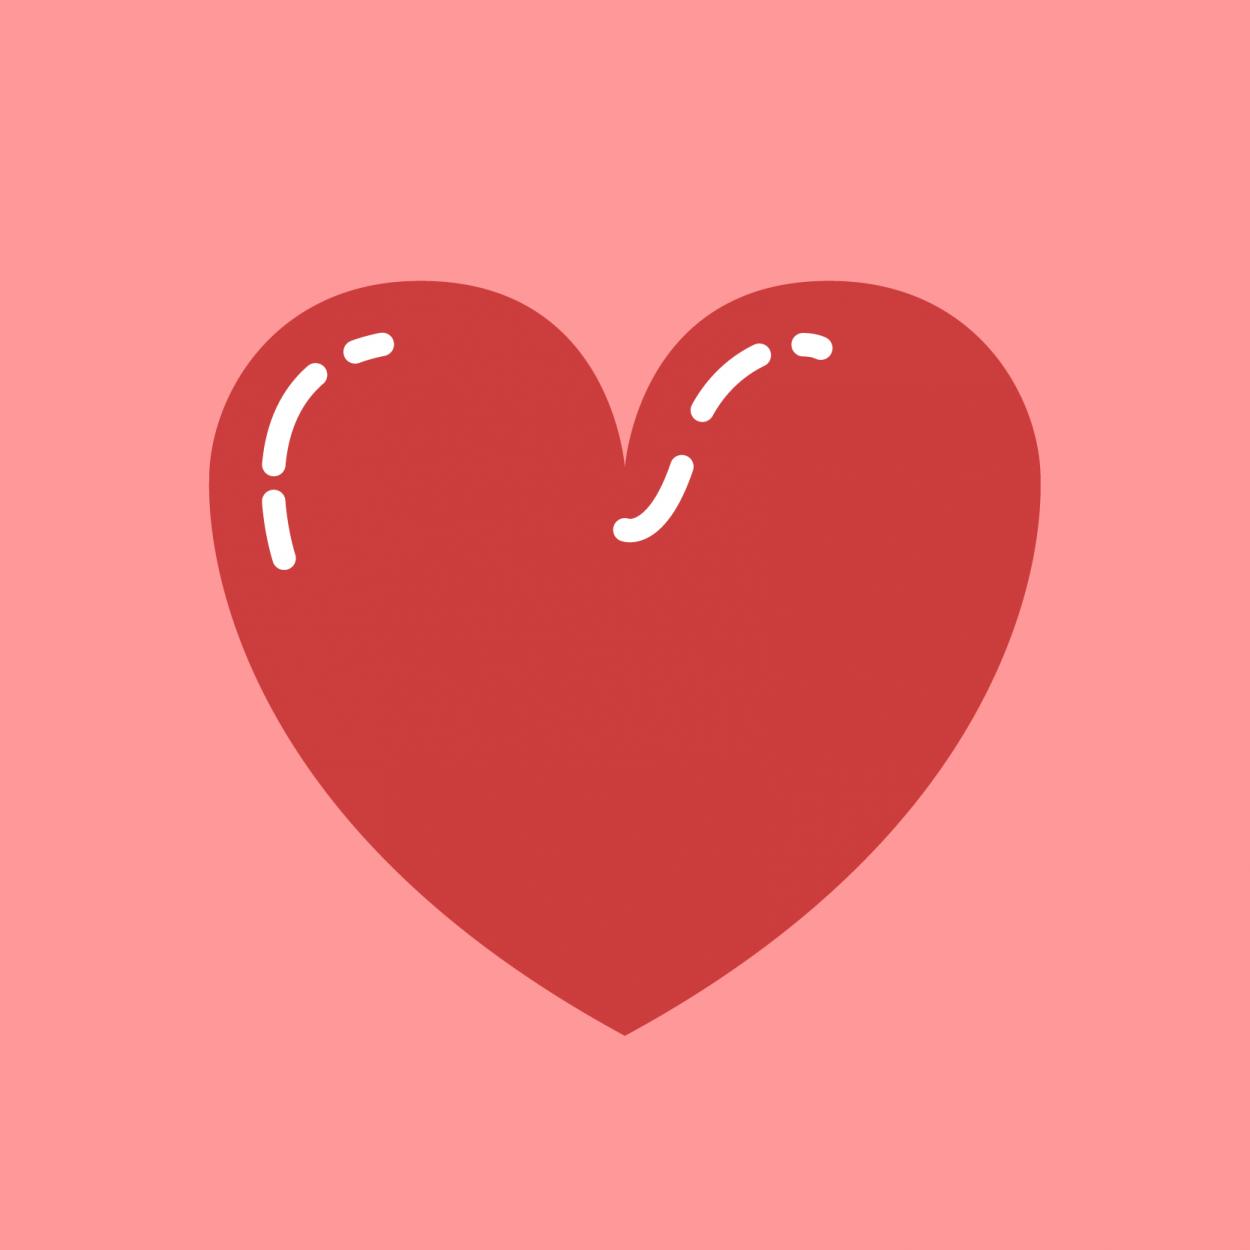 Десятка анекдотов про любовь